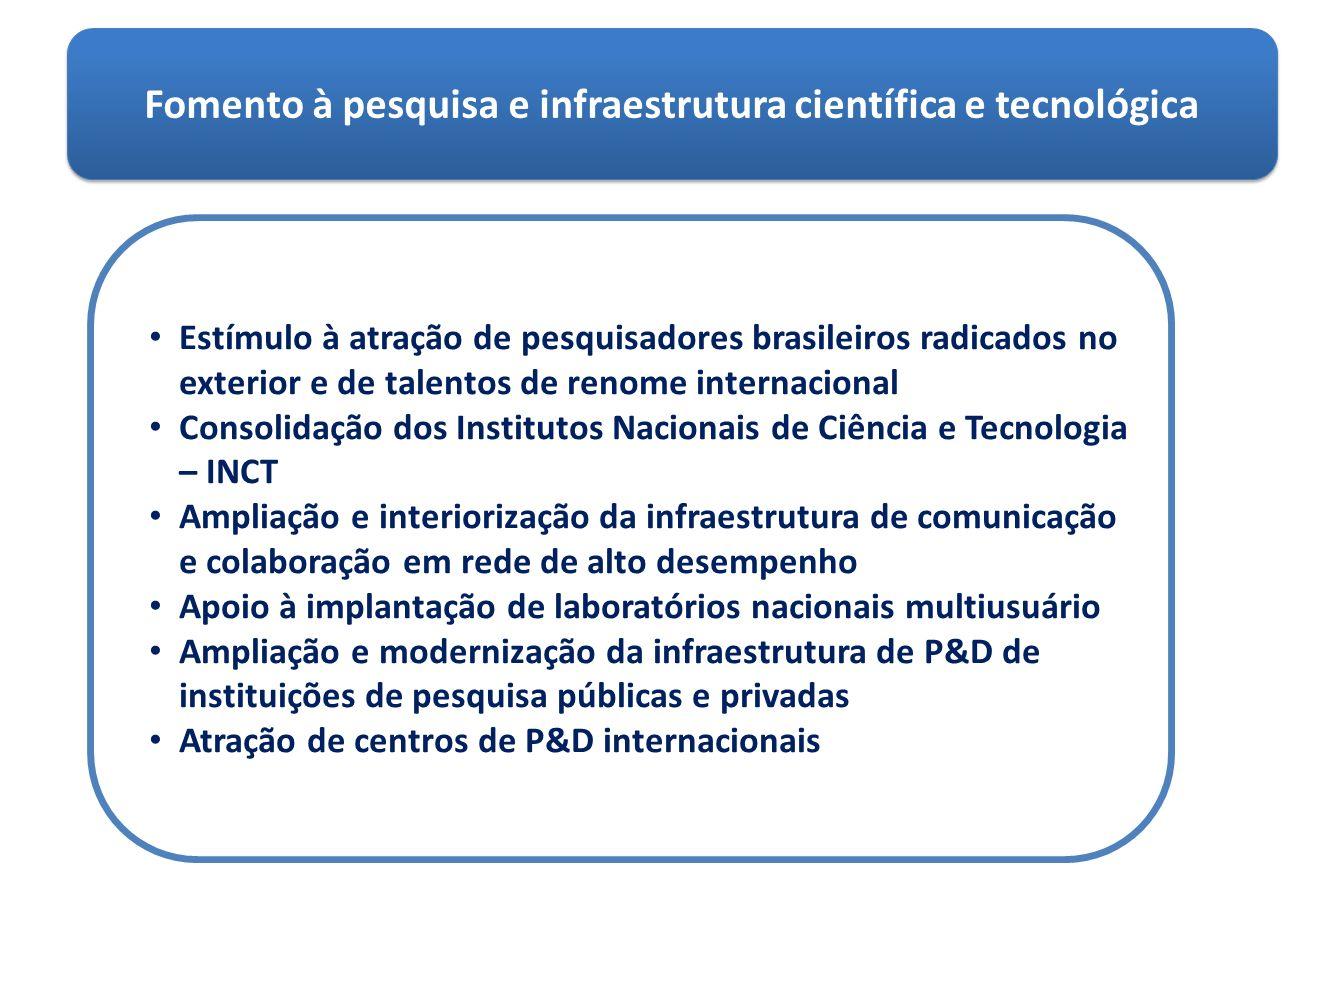 Fomento à pesquisa e infraestrutura científica e tecnológica